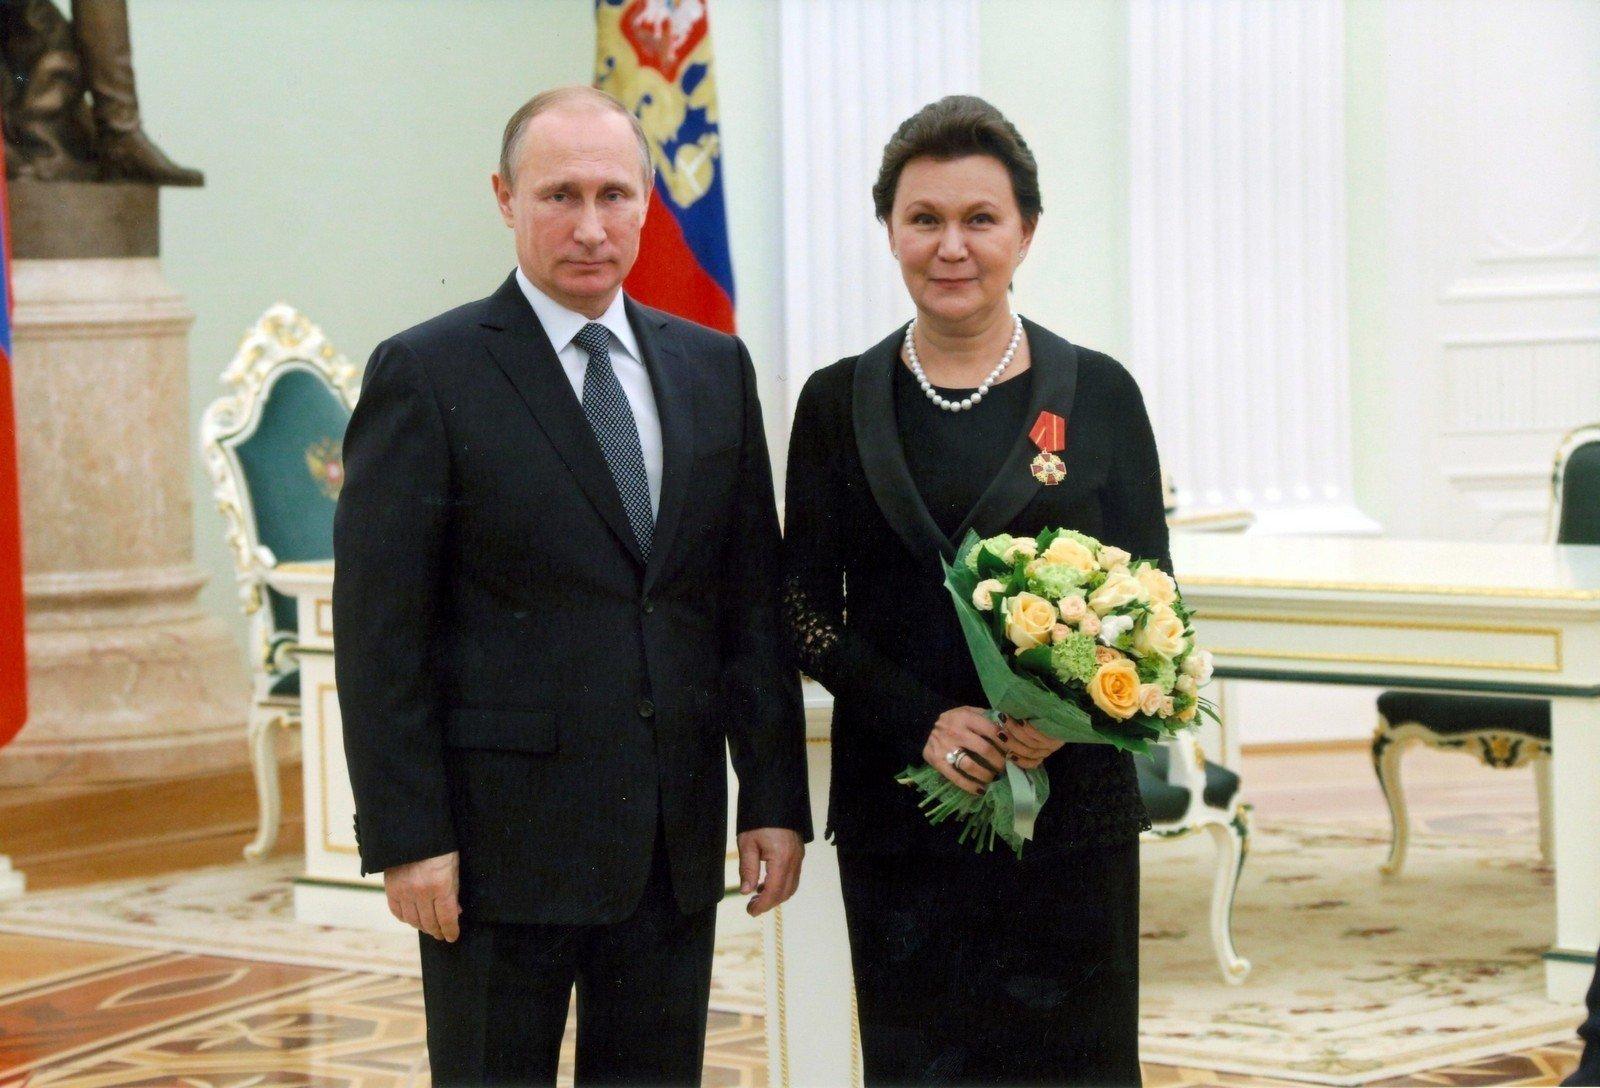 Талия Хабриева и Владимир Путин